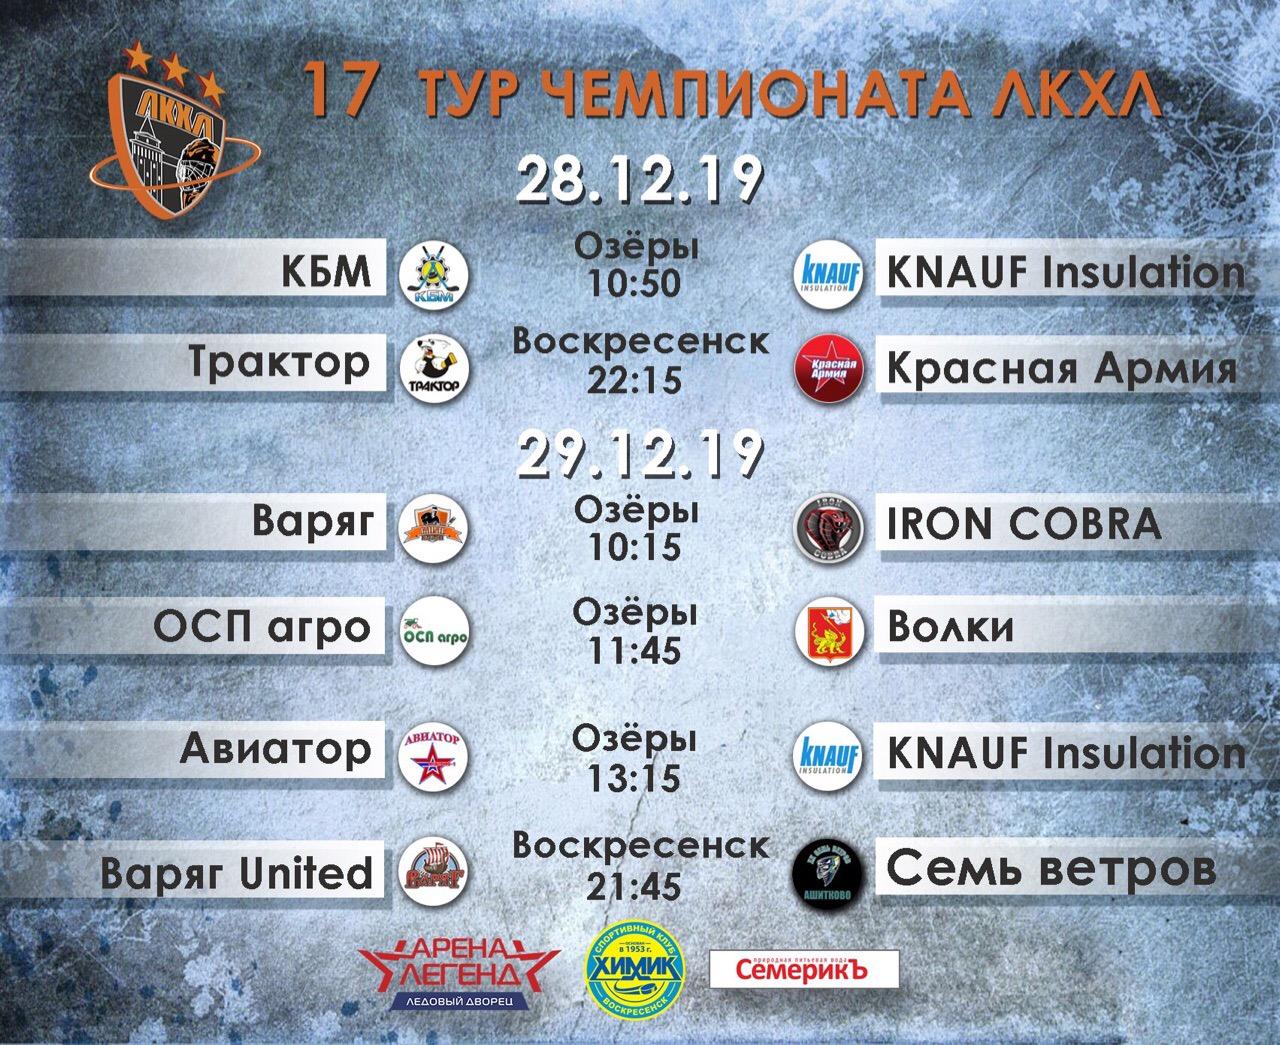 28 и 29 декабря пройдут игры 17 тура Чемпионата Любительской Коломенской хоккейной лиги сезона 2019/2020